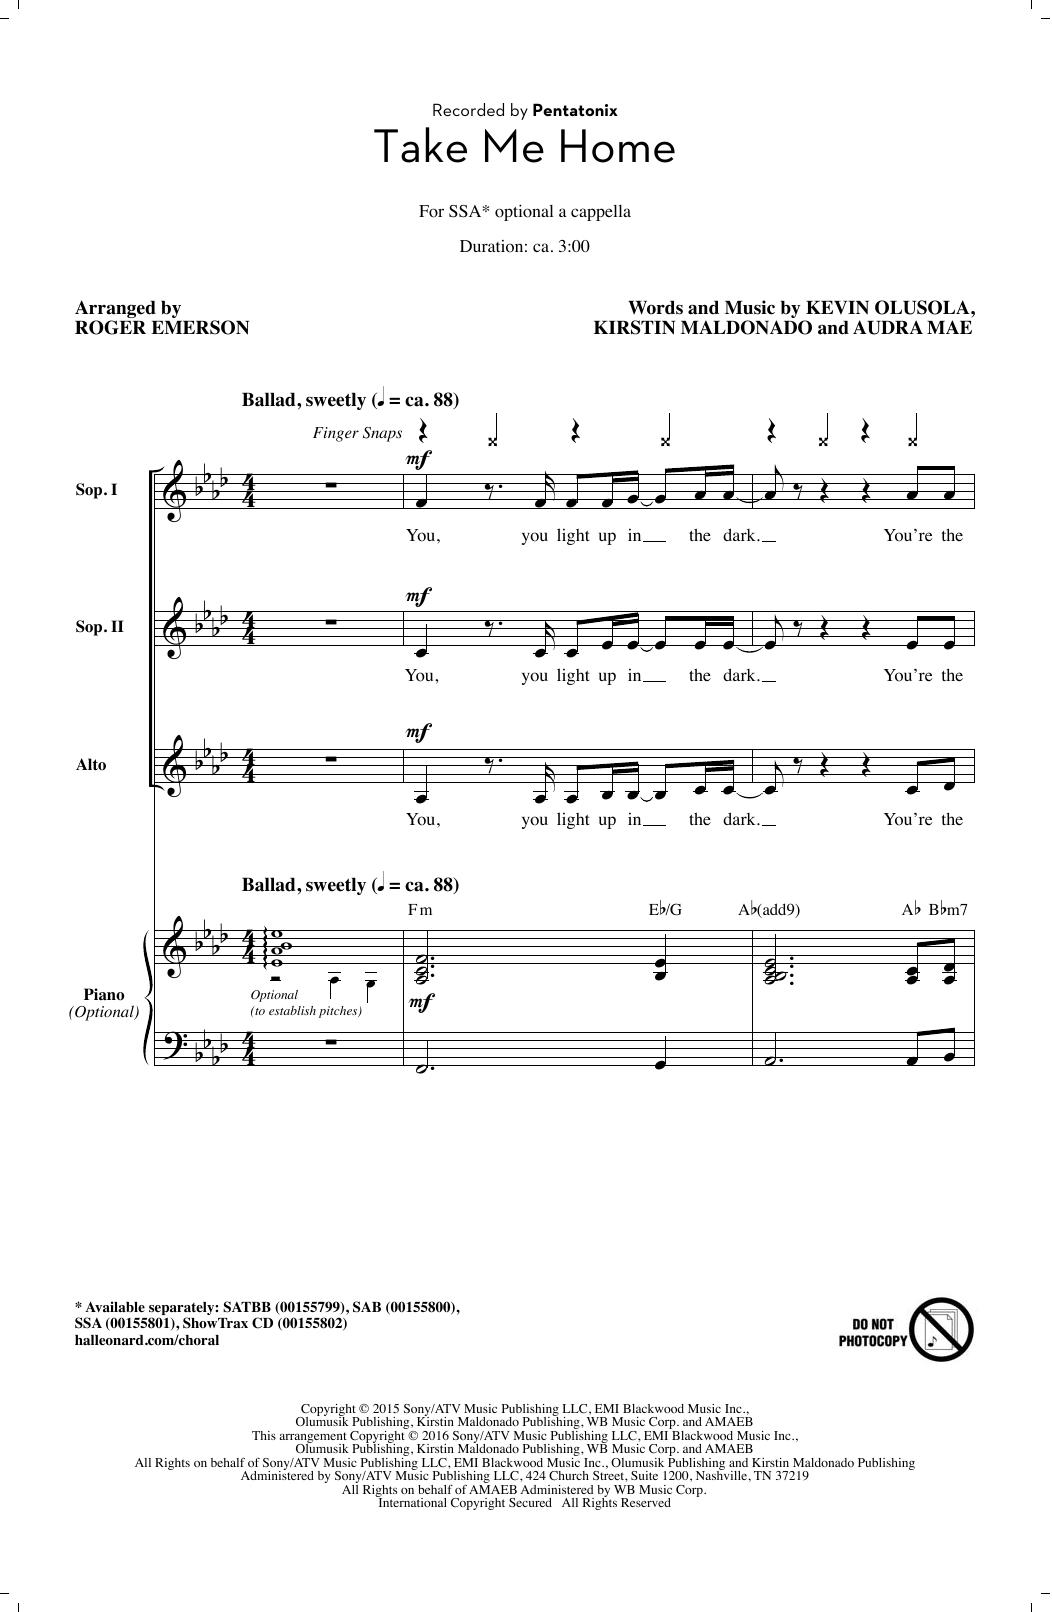 Kirstin Maldonado - Take Me Home